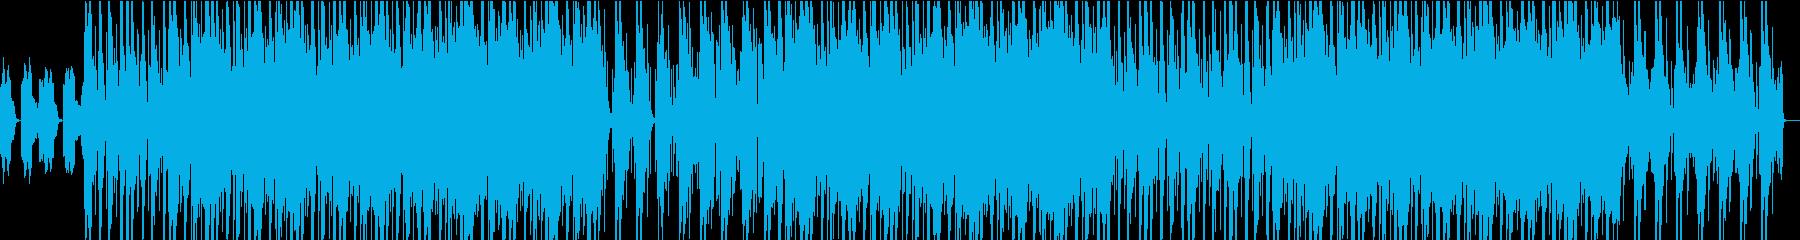 シンセ、強力なベース、オーガニック...の再生済みの波形